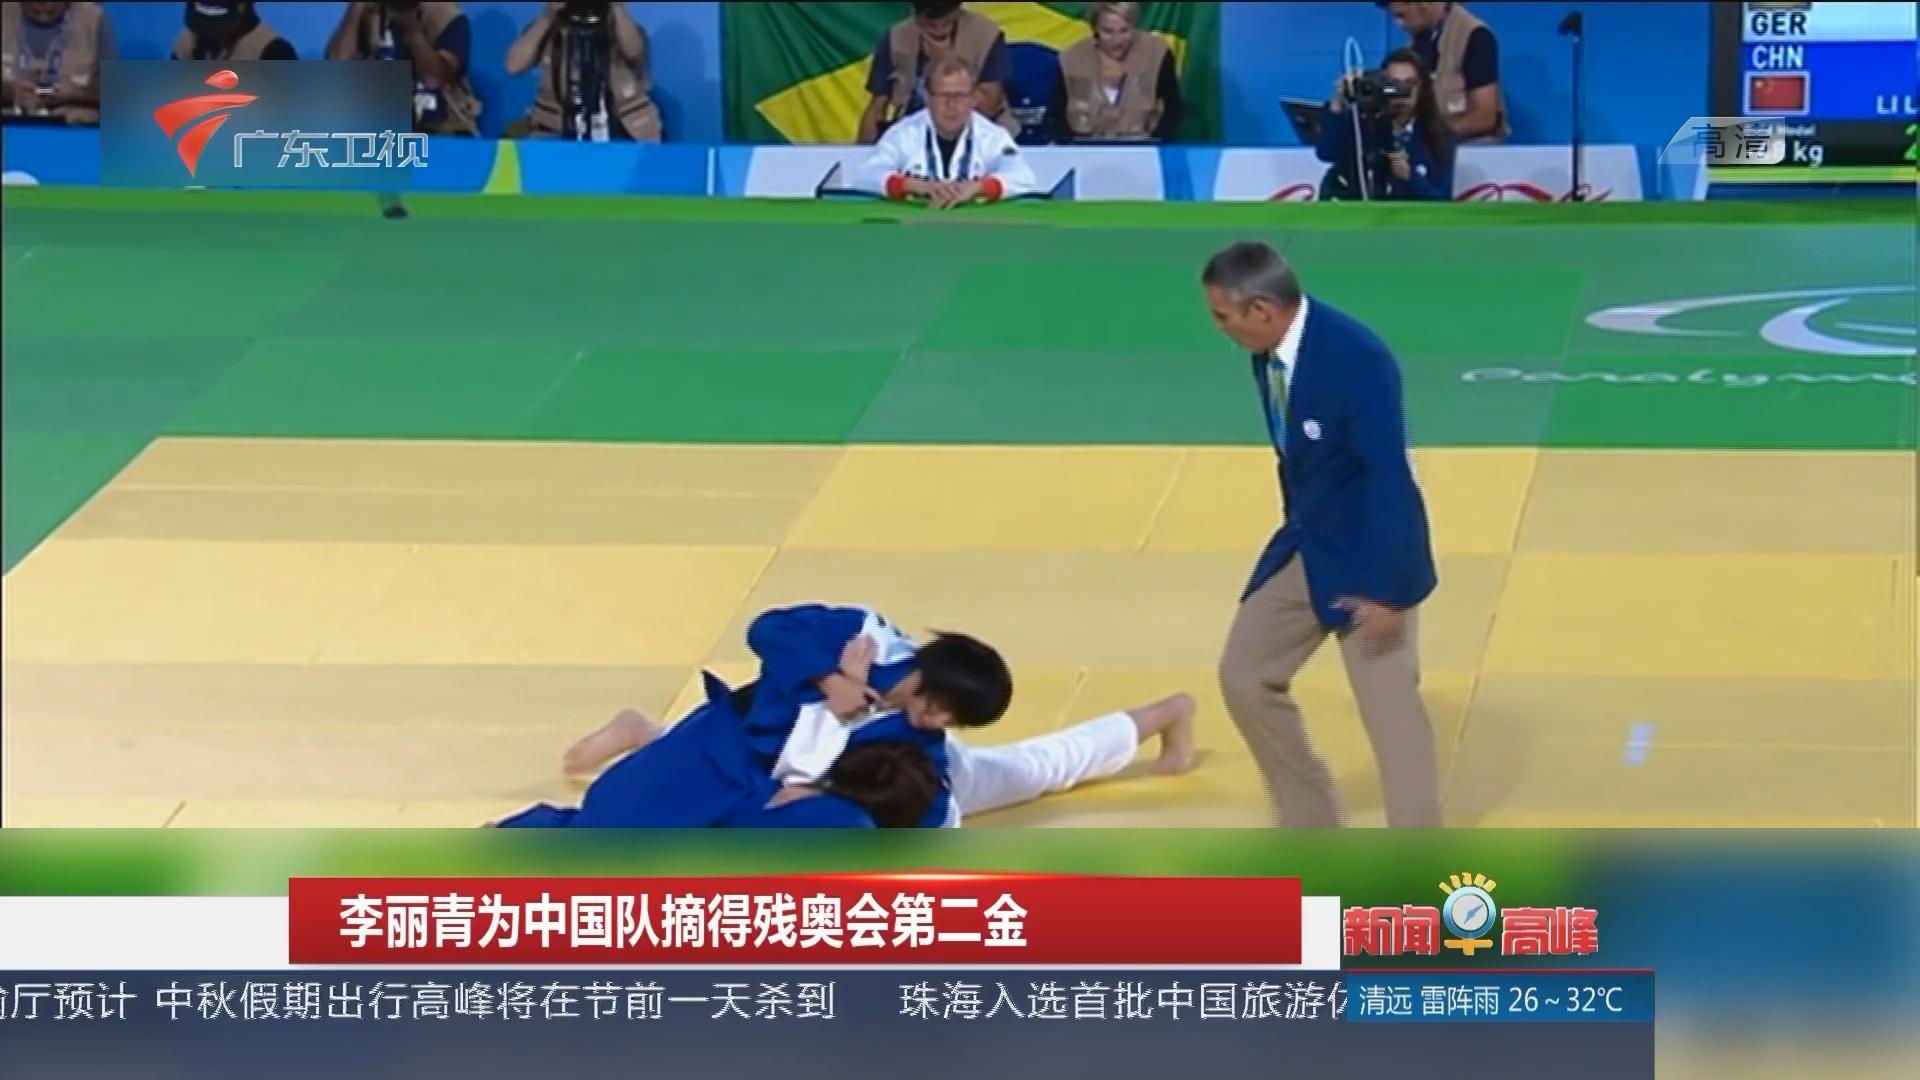 李丽青为中国队摘得残奥会第二金